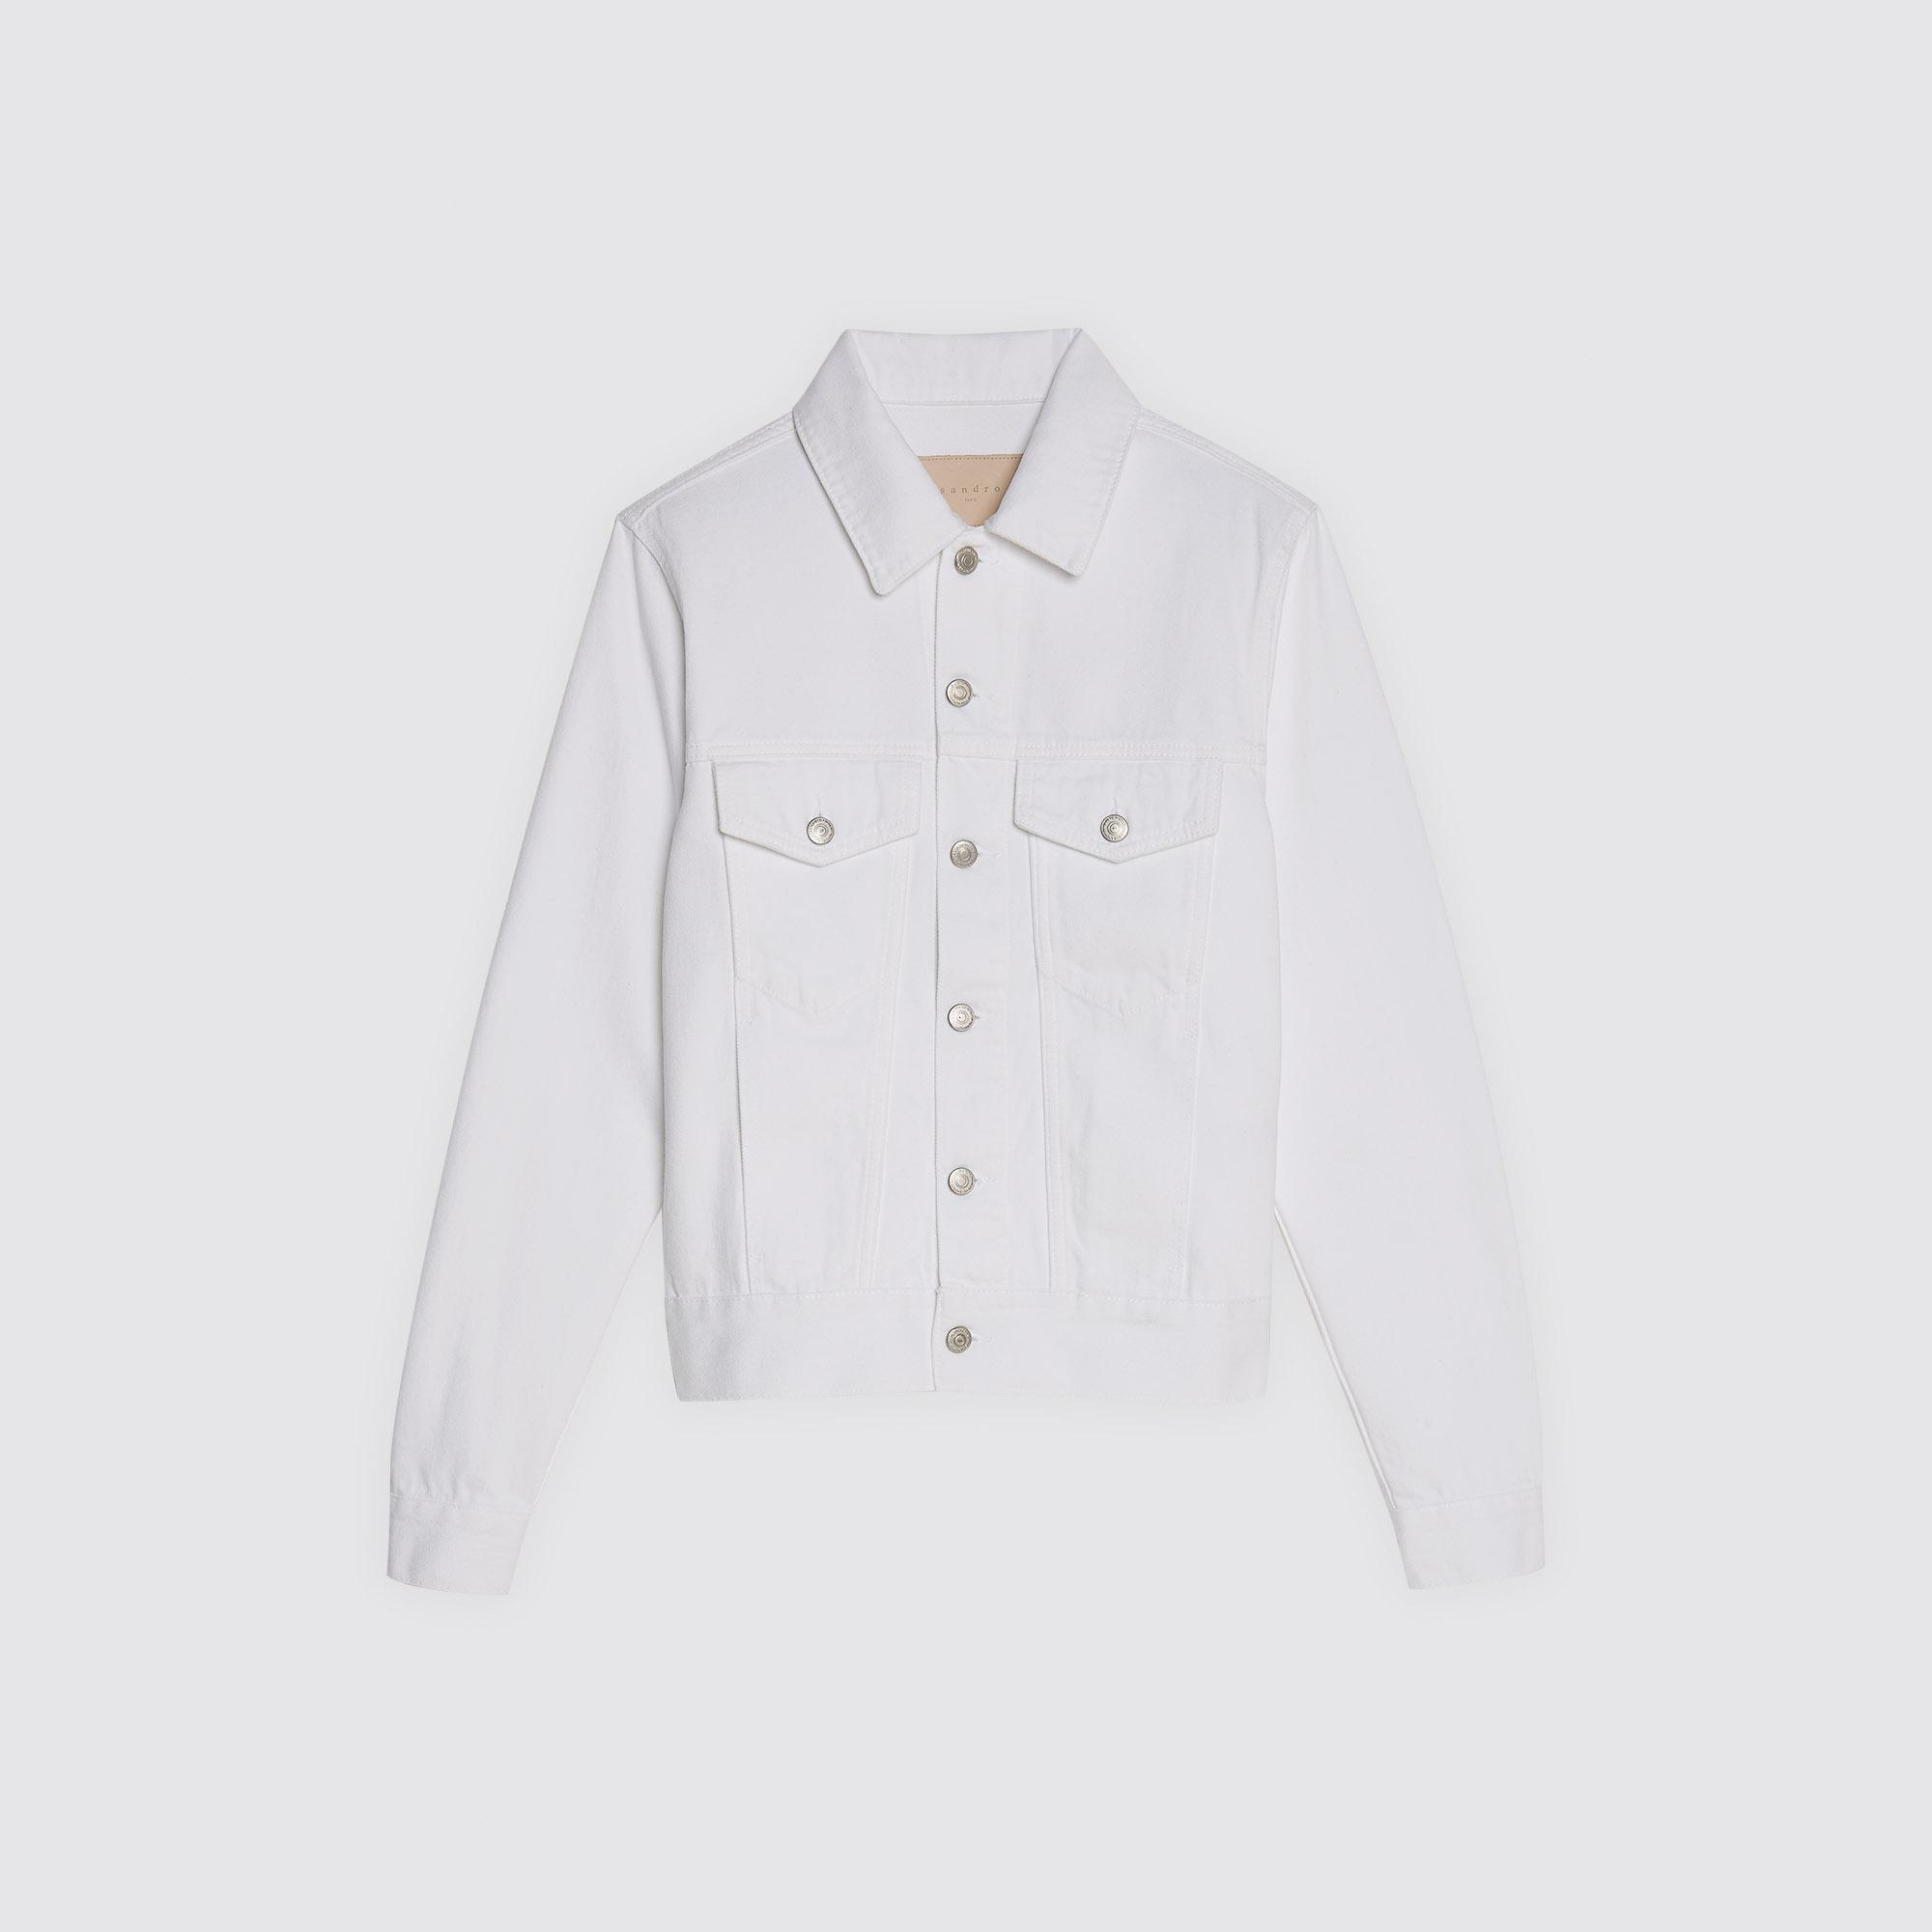 Giacca in denim bianco : Collezione Estiva colore Bianco